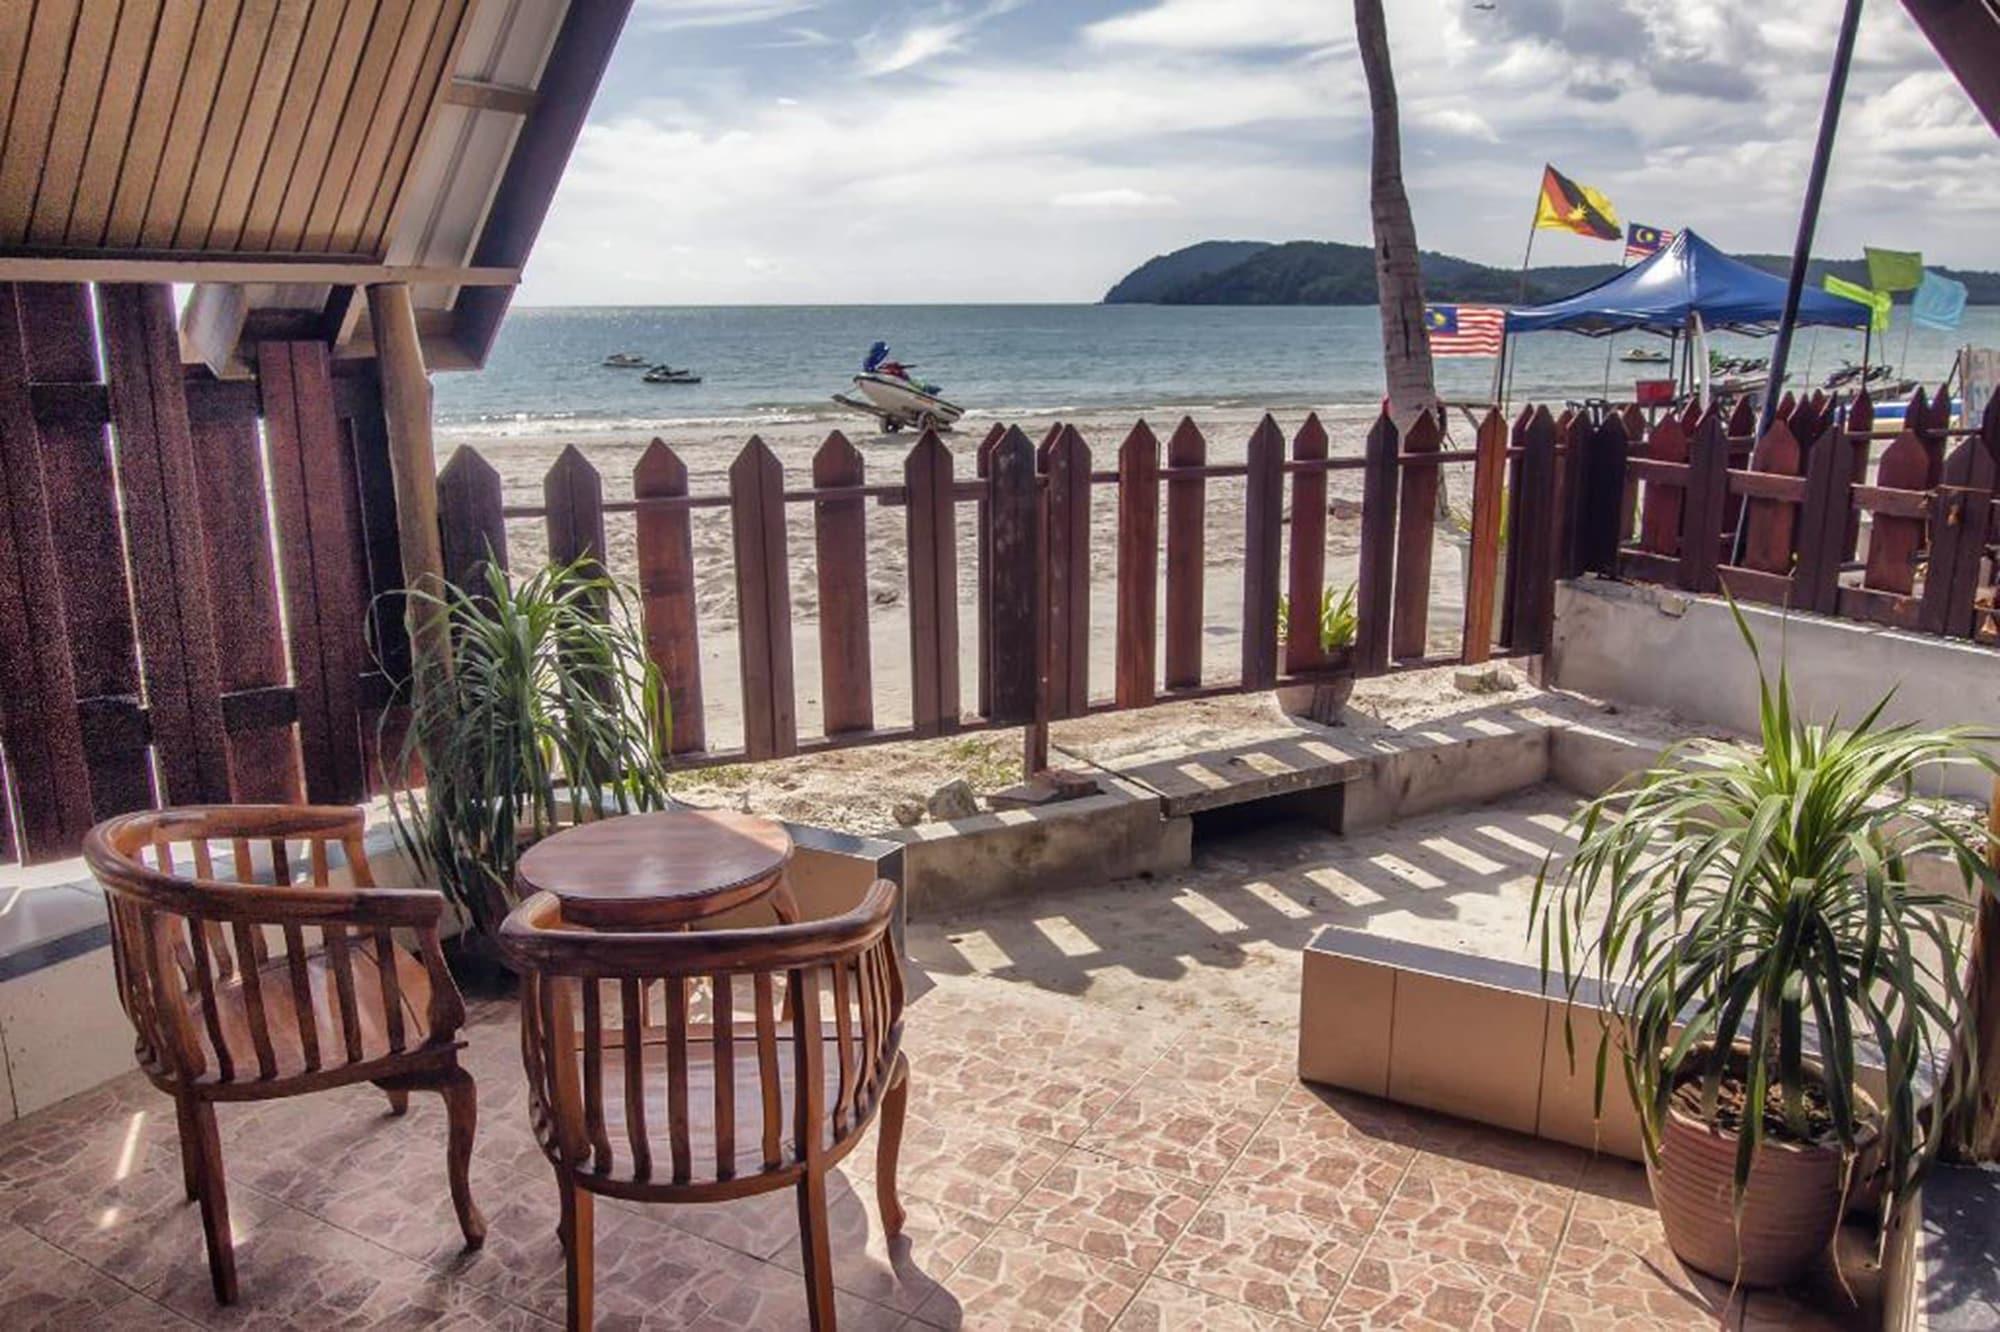 Sandy Beach Resort Langkawi, Langkawi